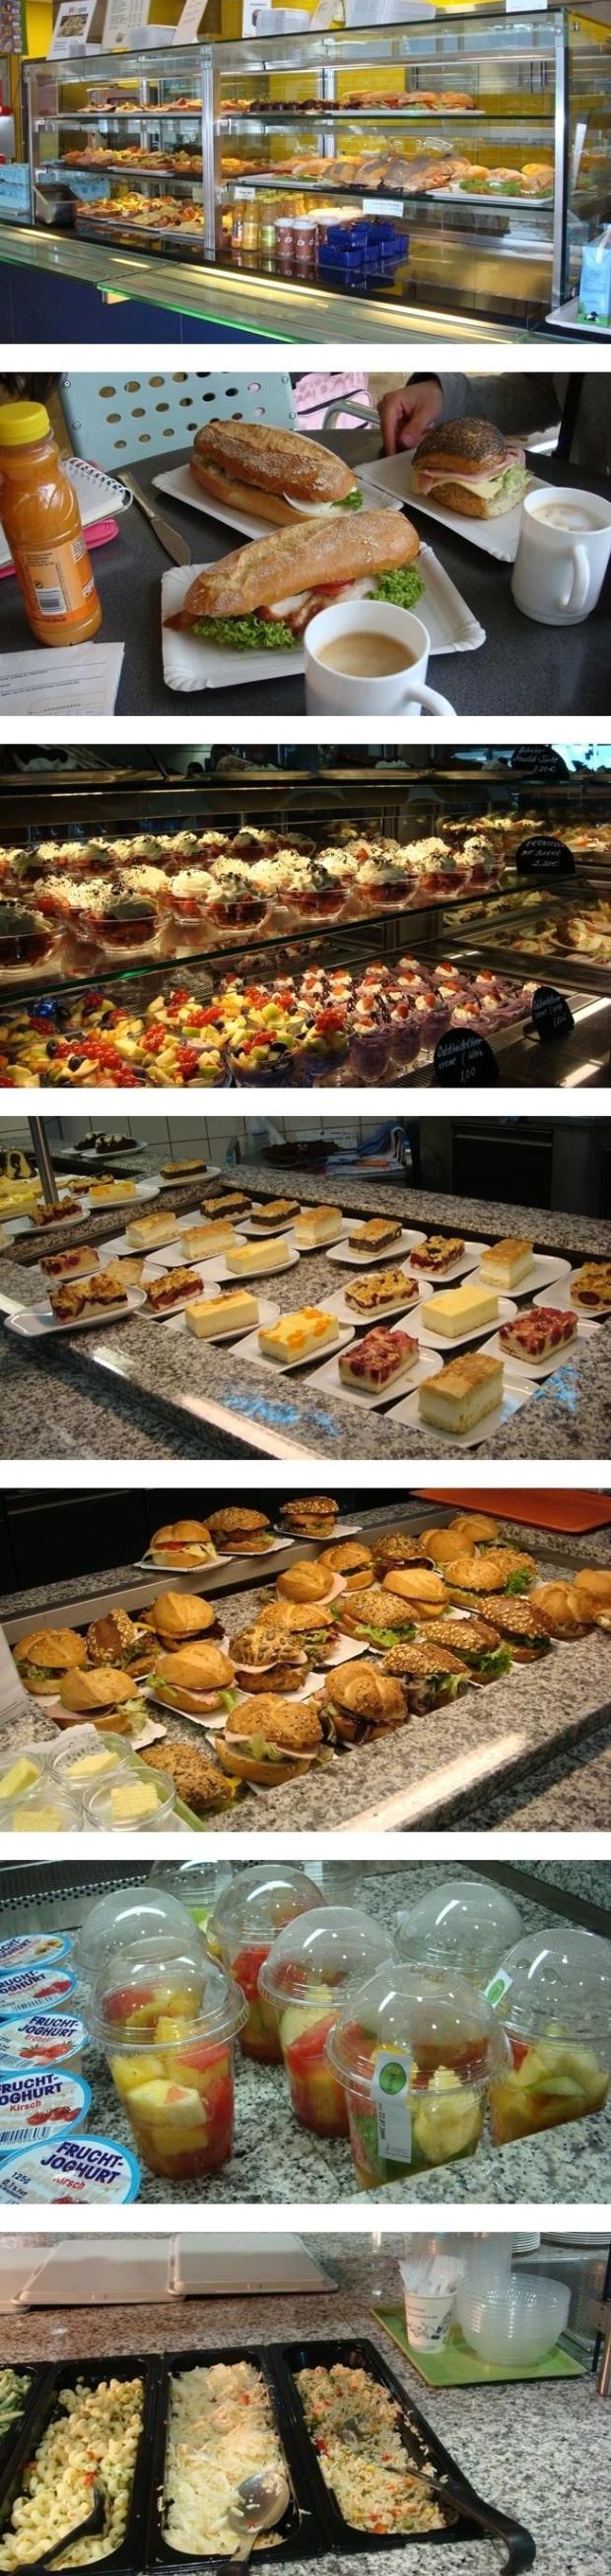 독일의 대학 식당